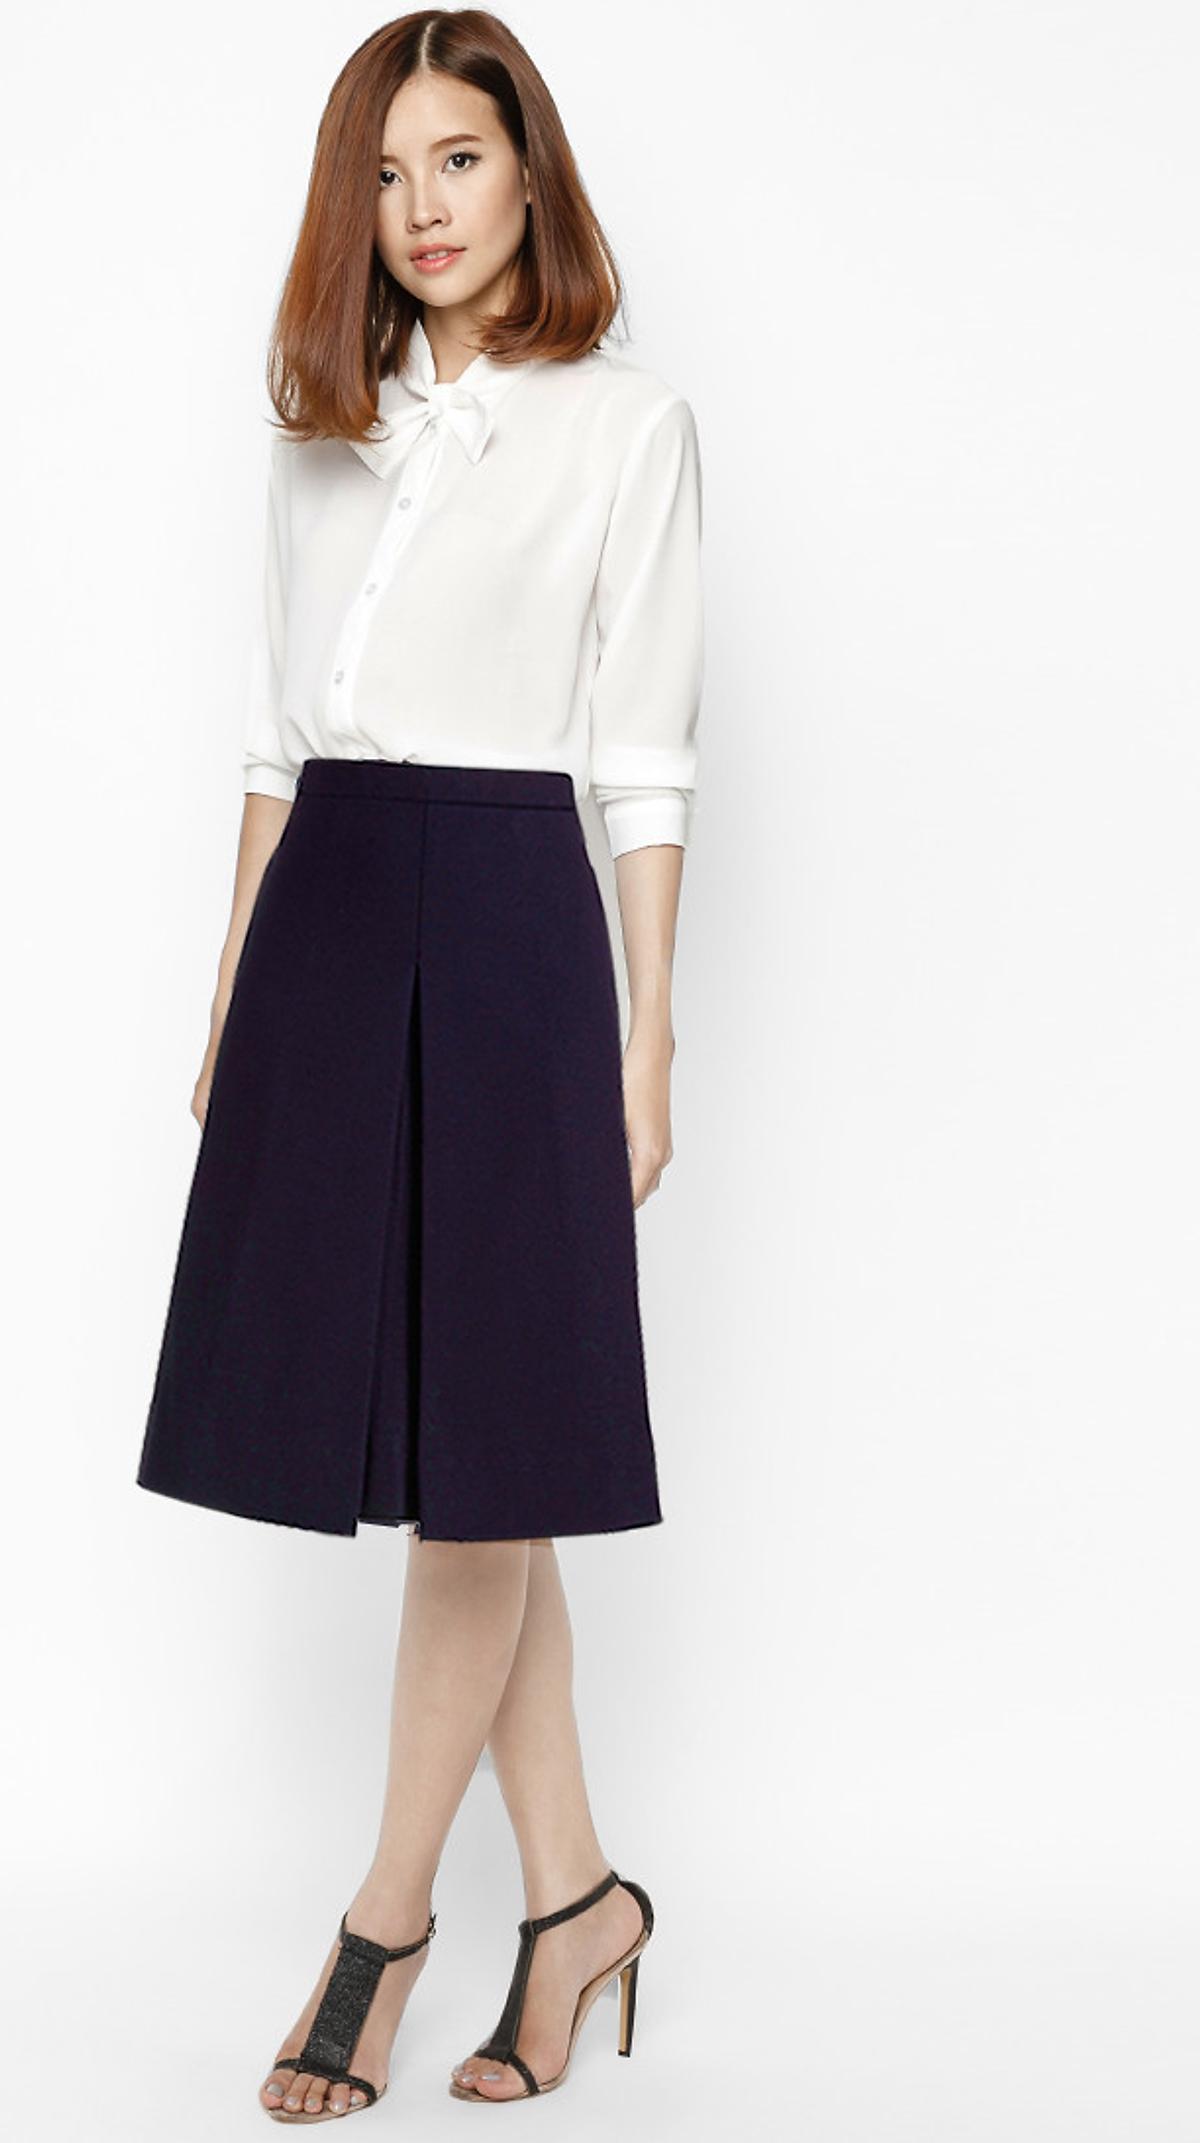 Váy ngắn, áo sơ mi -Mẫu đồng phục giáo viên mầm non đẹp